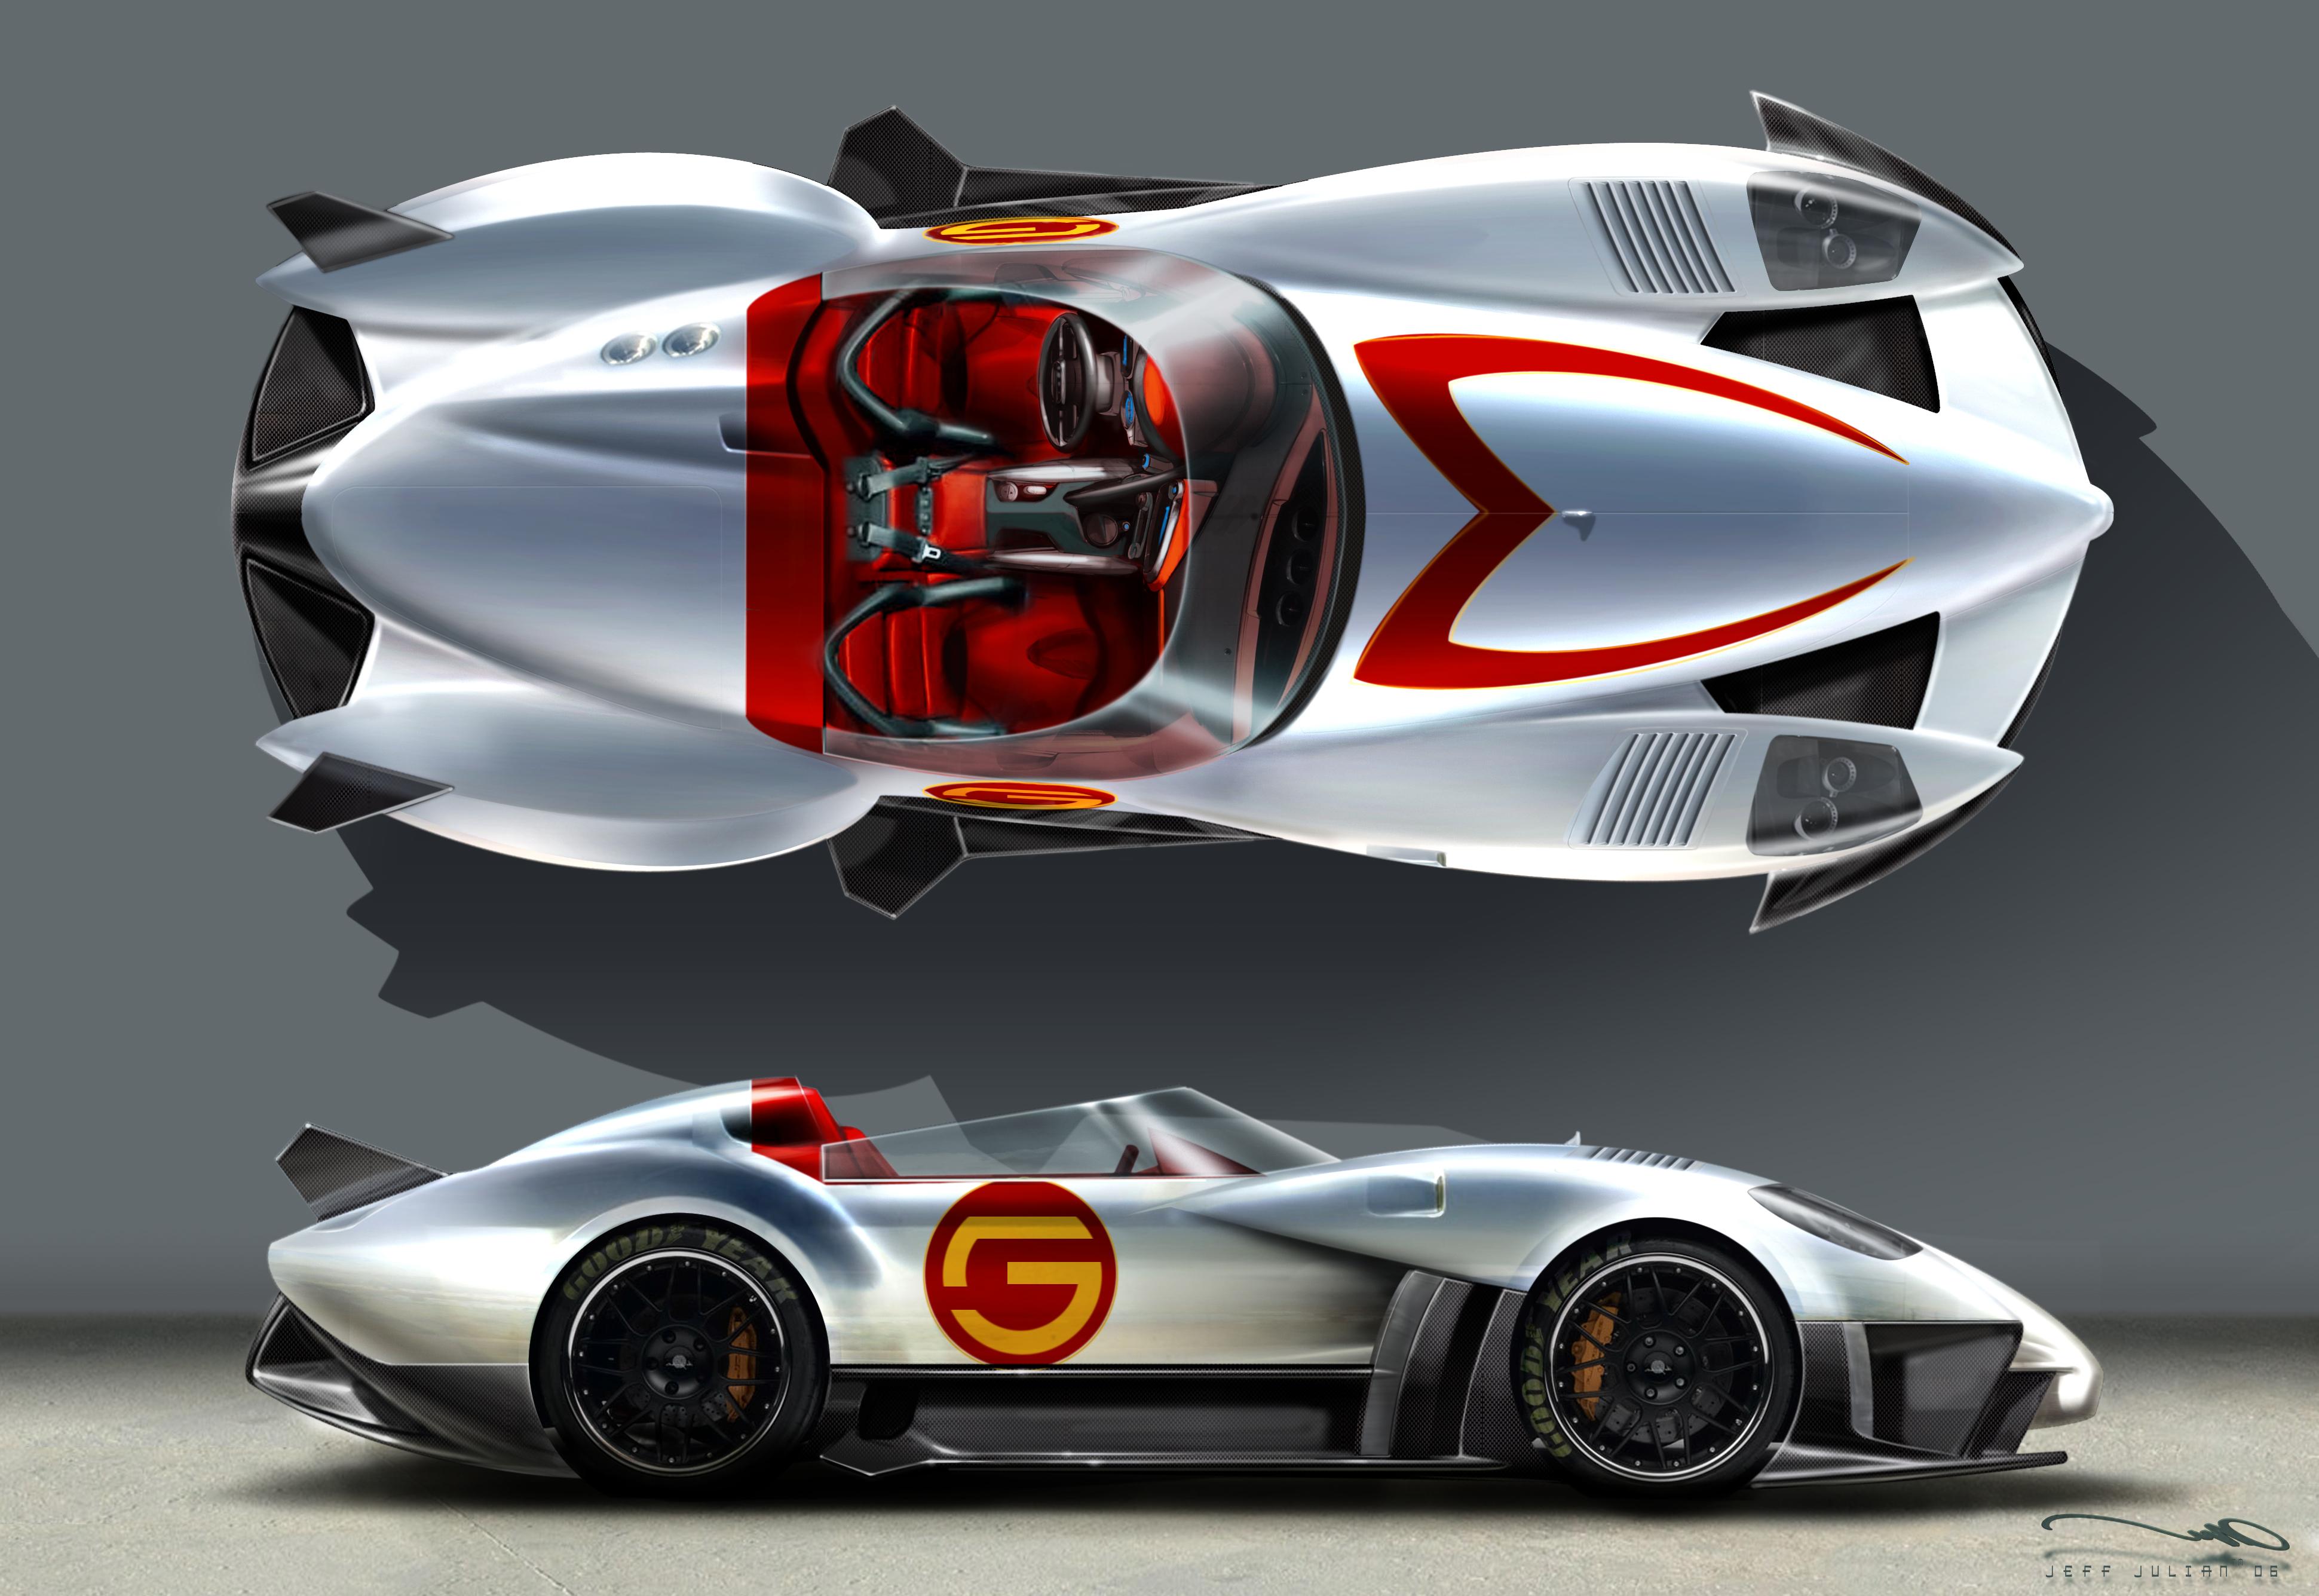 speedracerorthov00